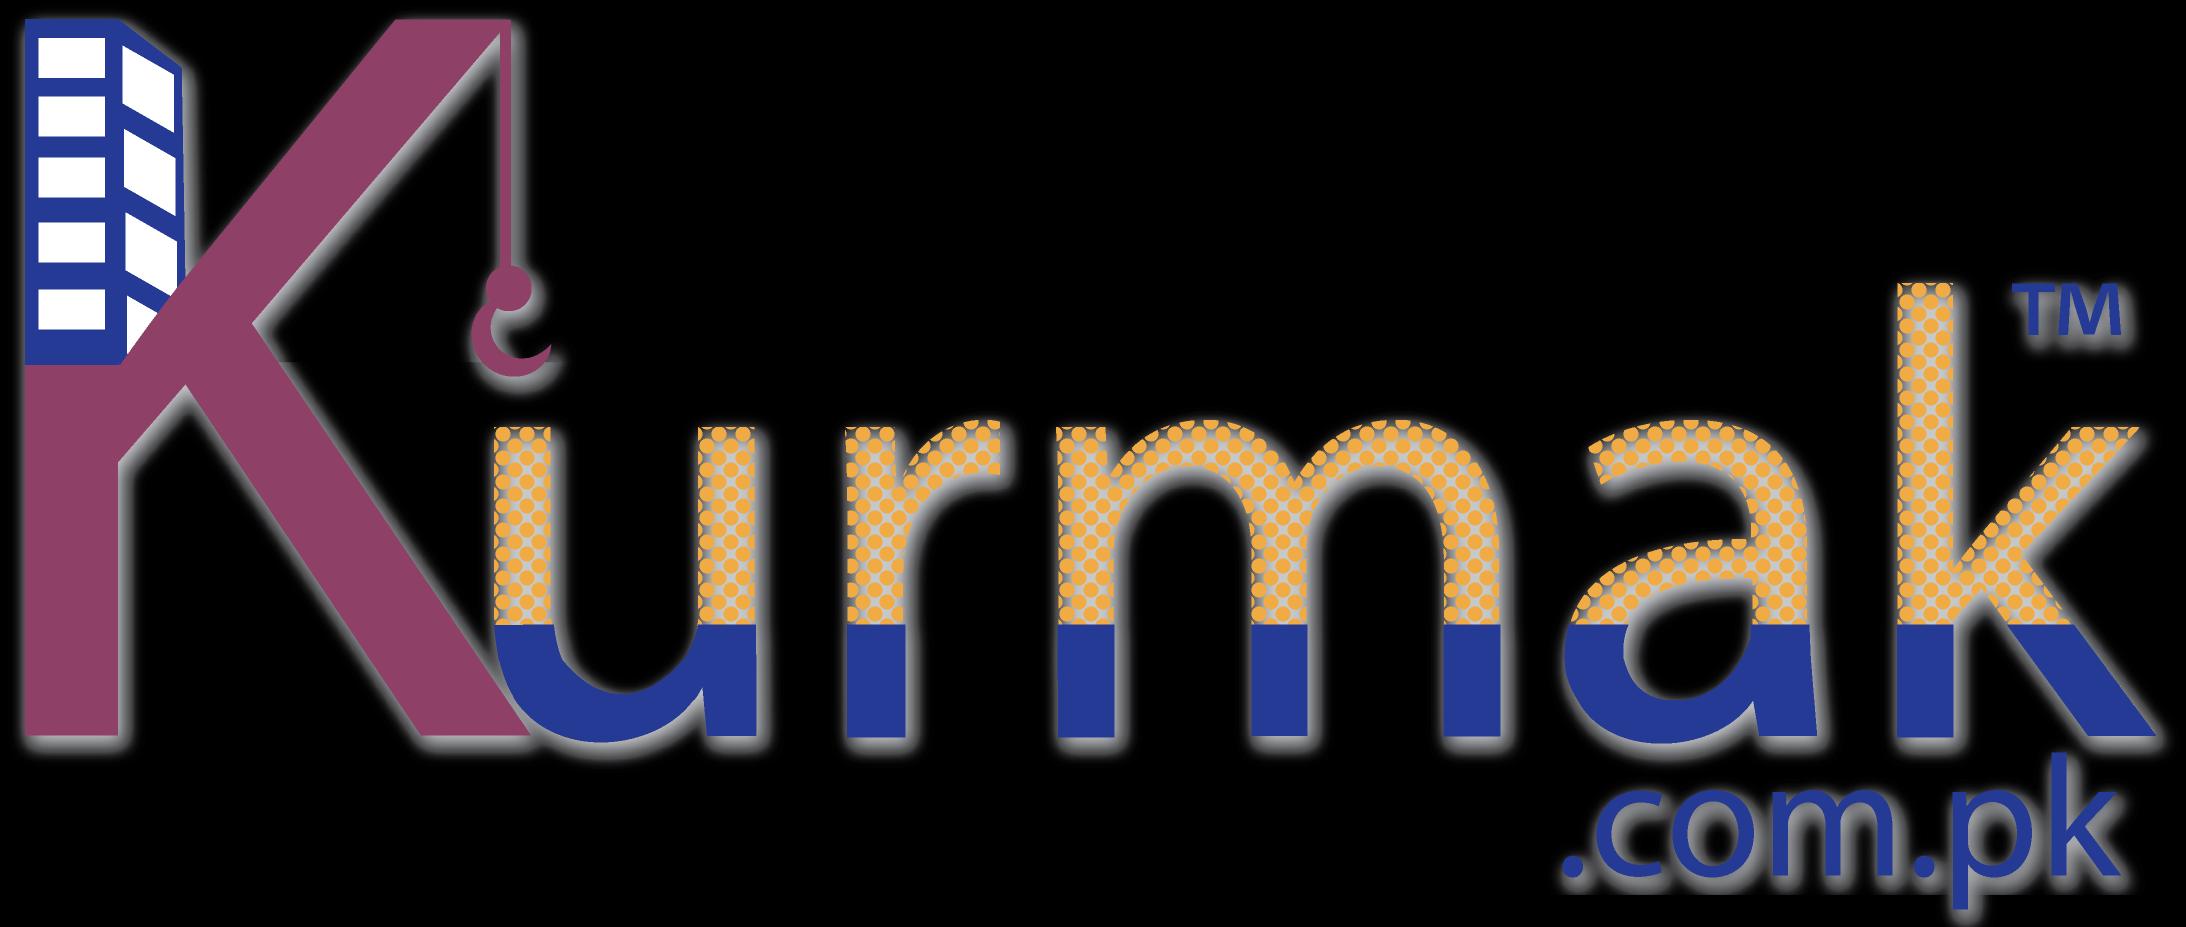 Kurmak.com.pk